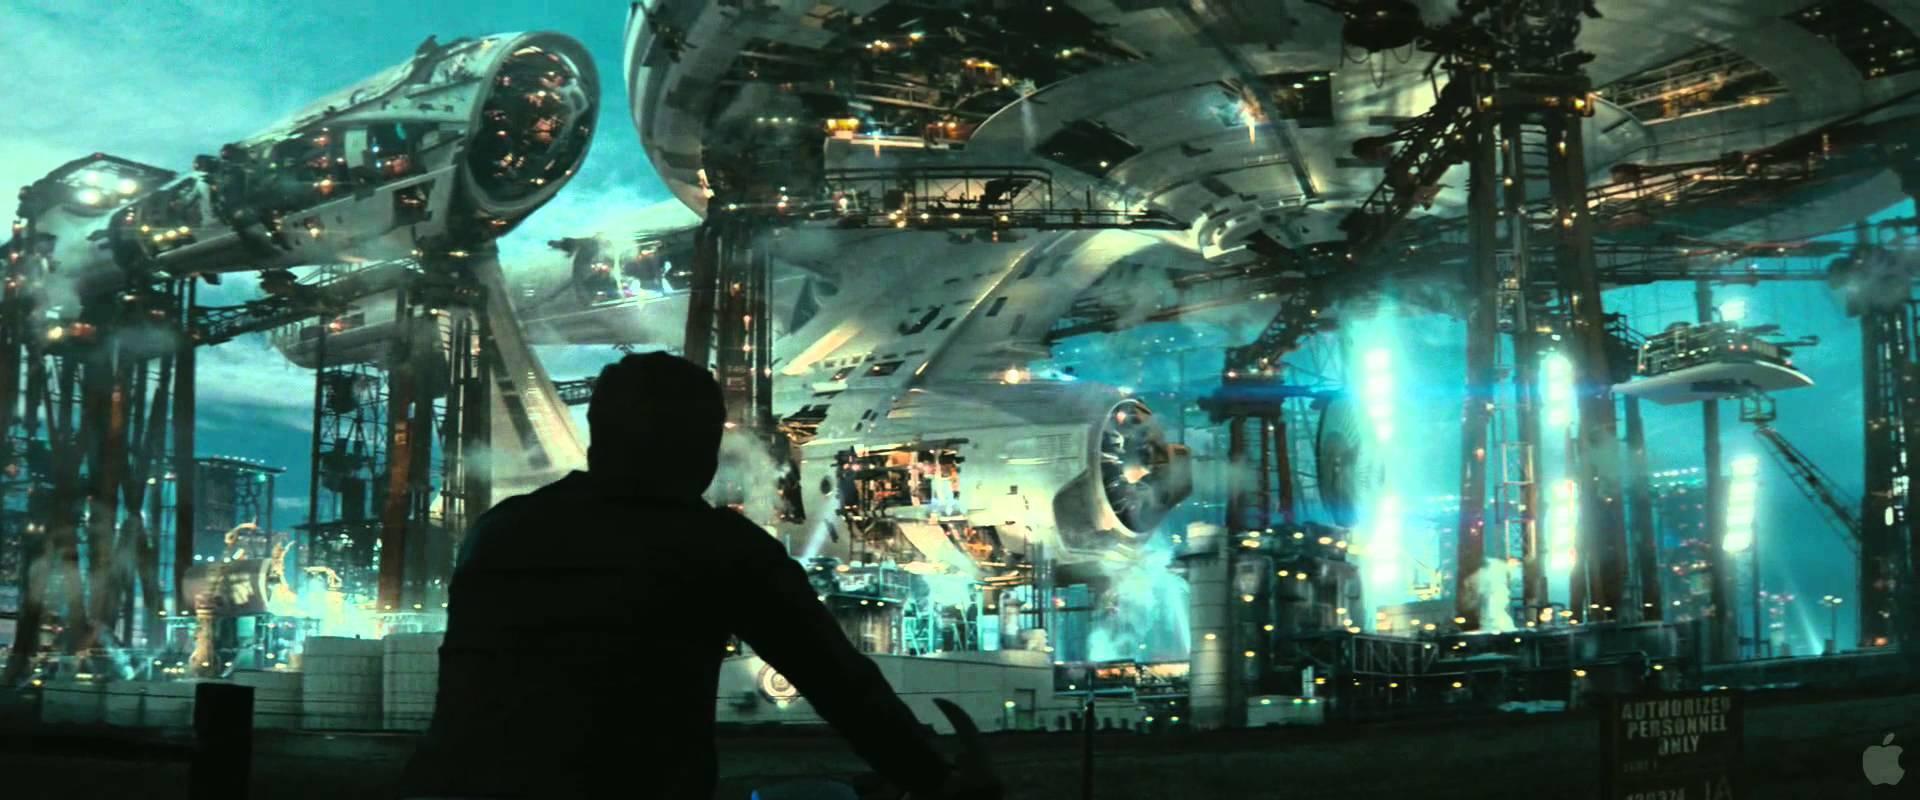 Star Trek 2009 Enterprise Small